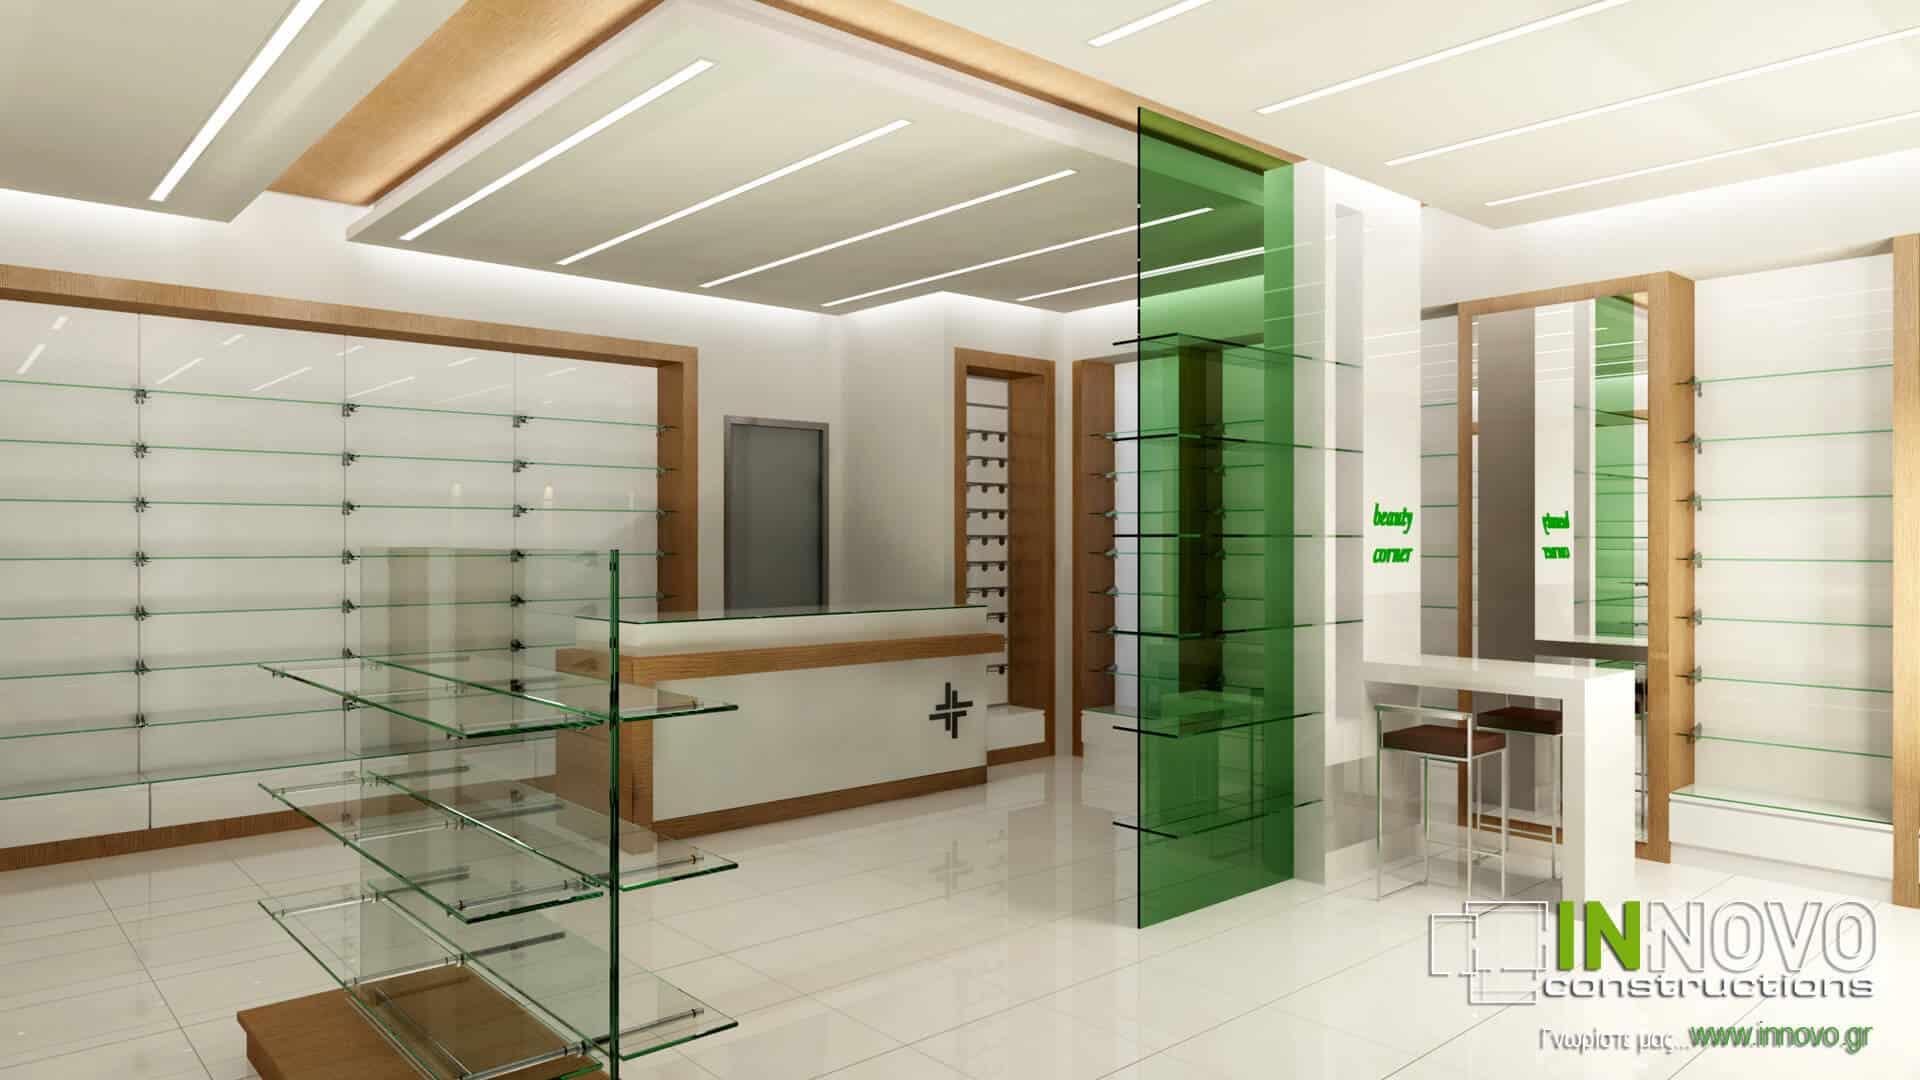 Μελέτη σχεδιασμός φαρμακείου στην Αθήνα